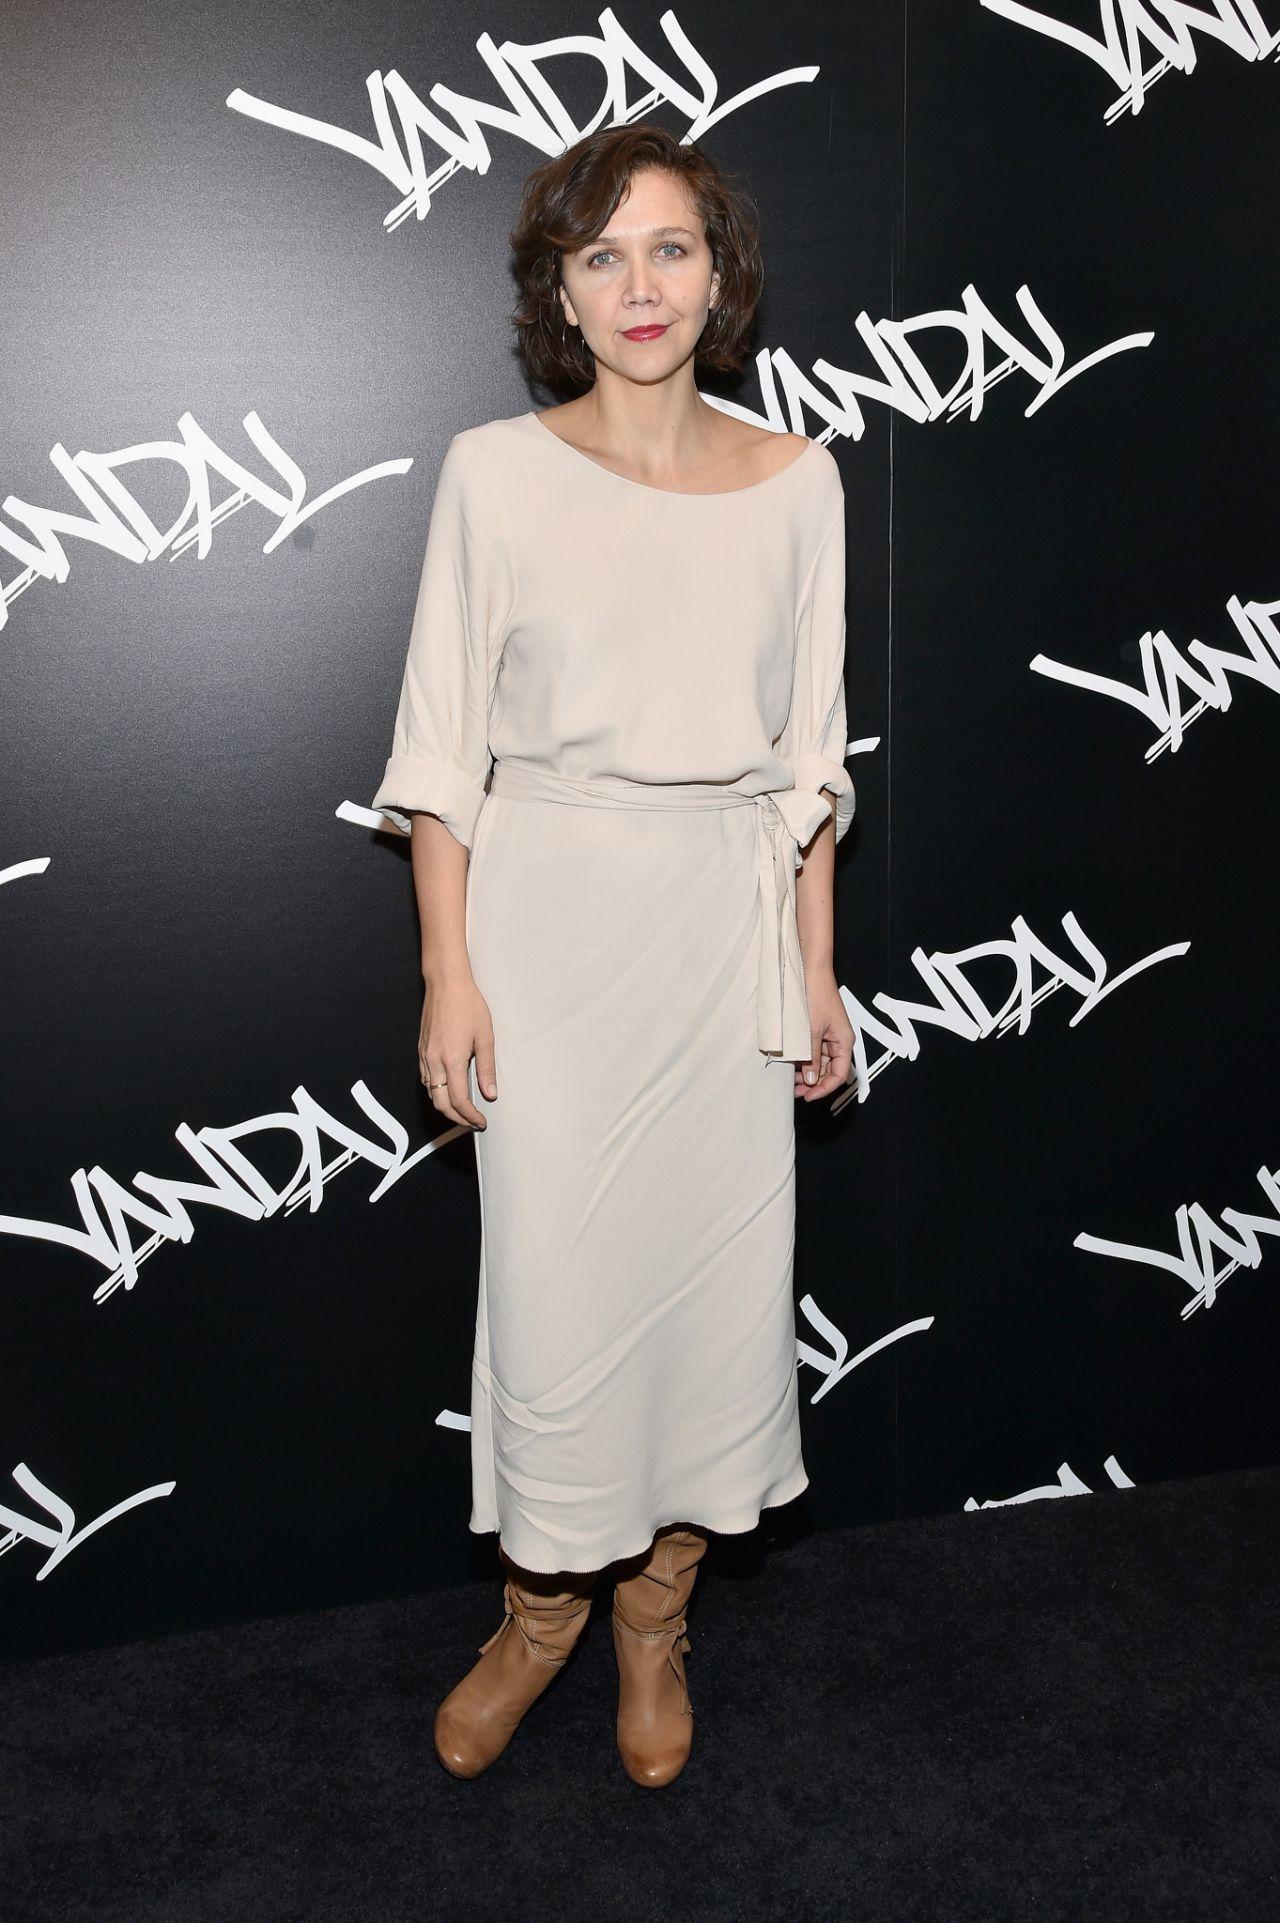 Maggie Gyllenhaal – VANDAL Grand Opening in New York City 1/15/2016 Maggie Gyllenhaal